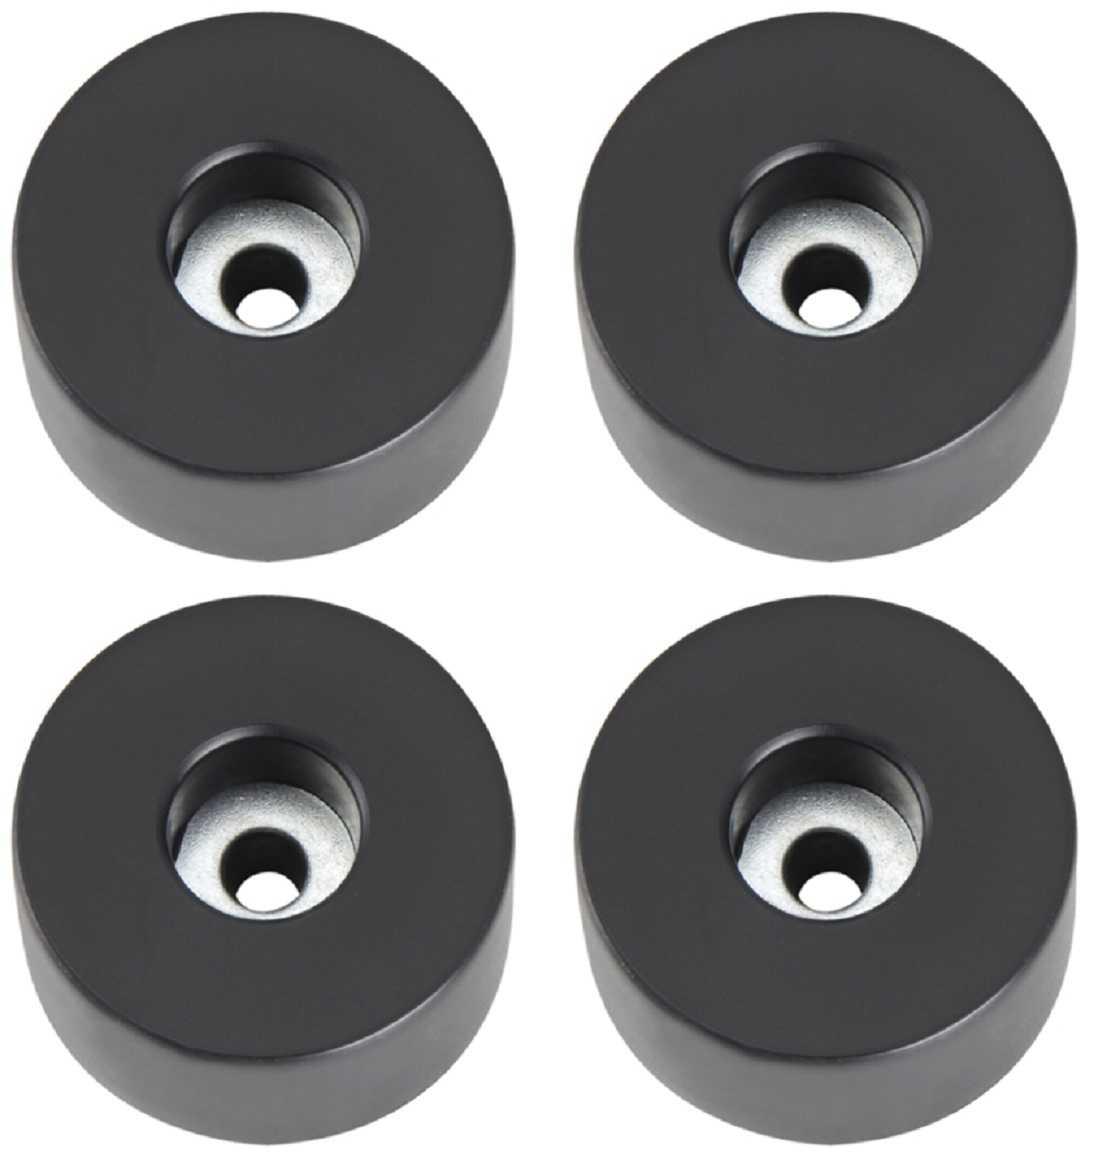 4 Gummifüße Ø 38 x 15 mm Stahleinlage Adam Hall 4907 Gerätefuß Möbelfüße Gummi